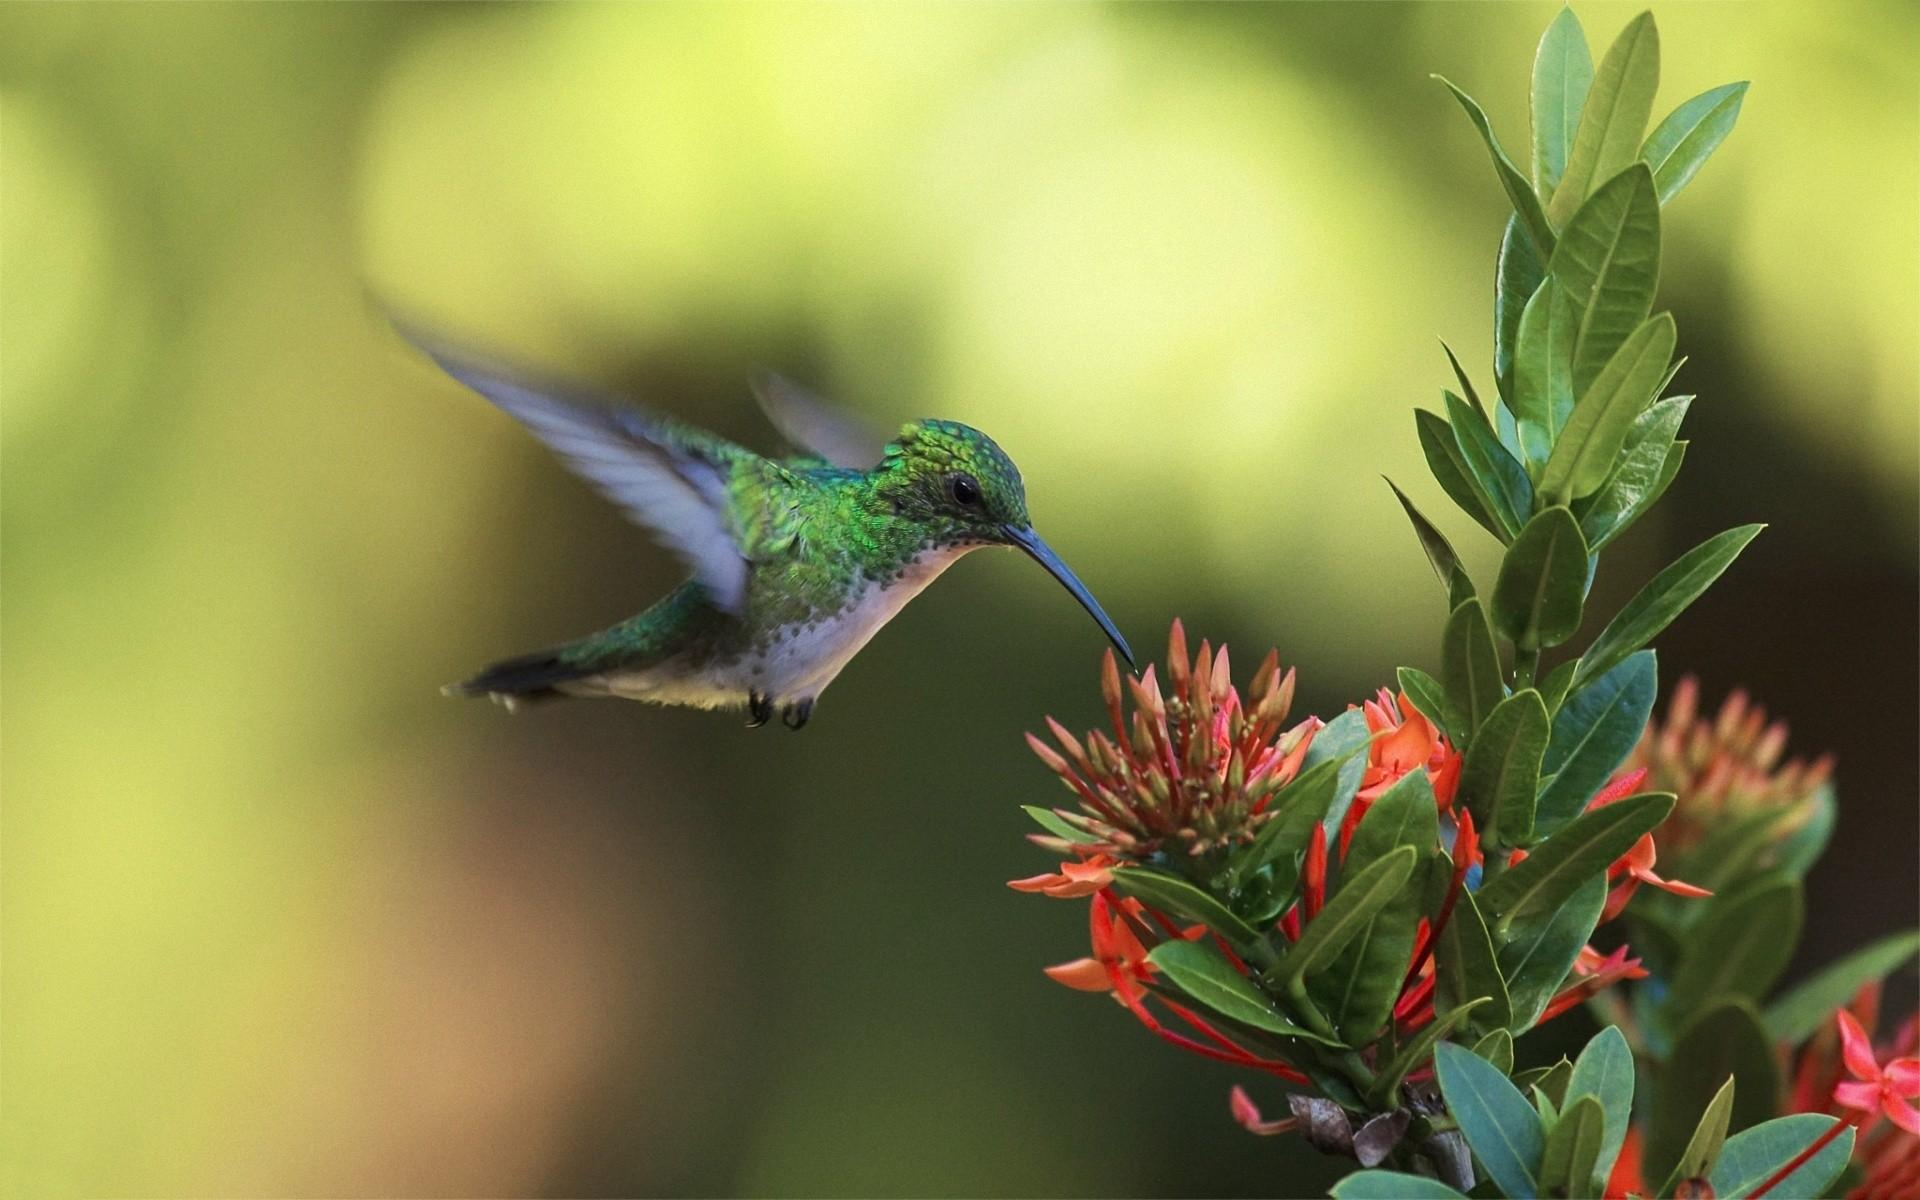 Un colibrí en una flor - 1920x1200